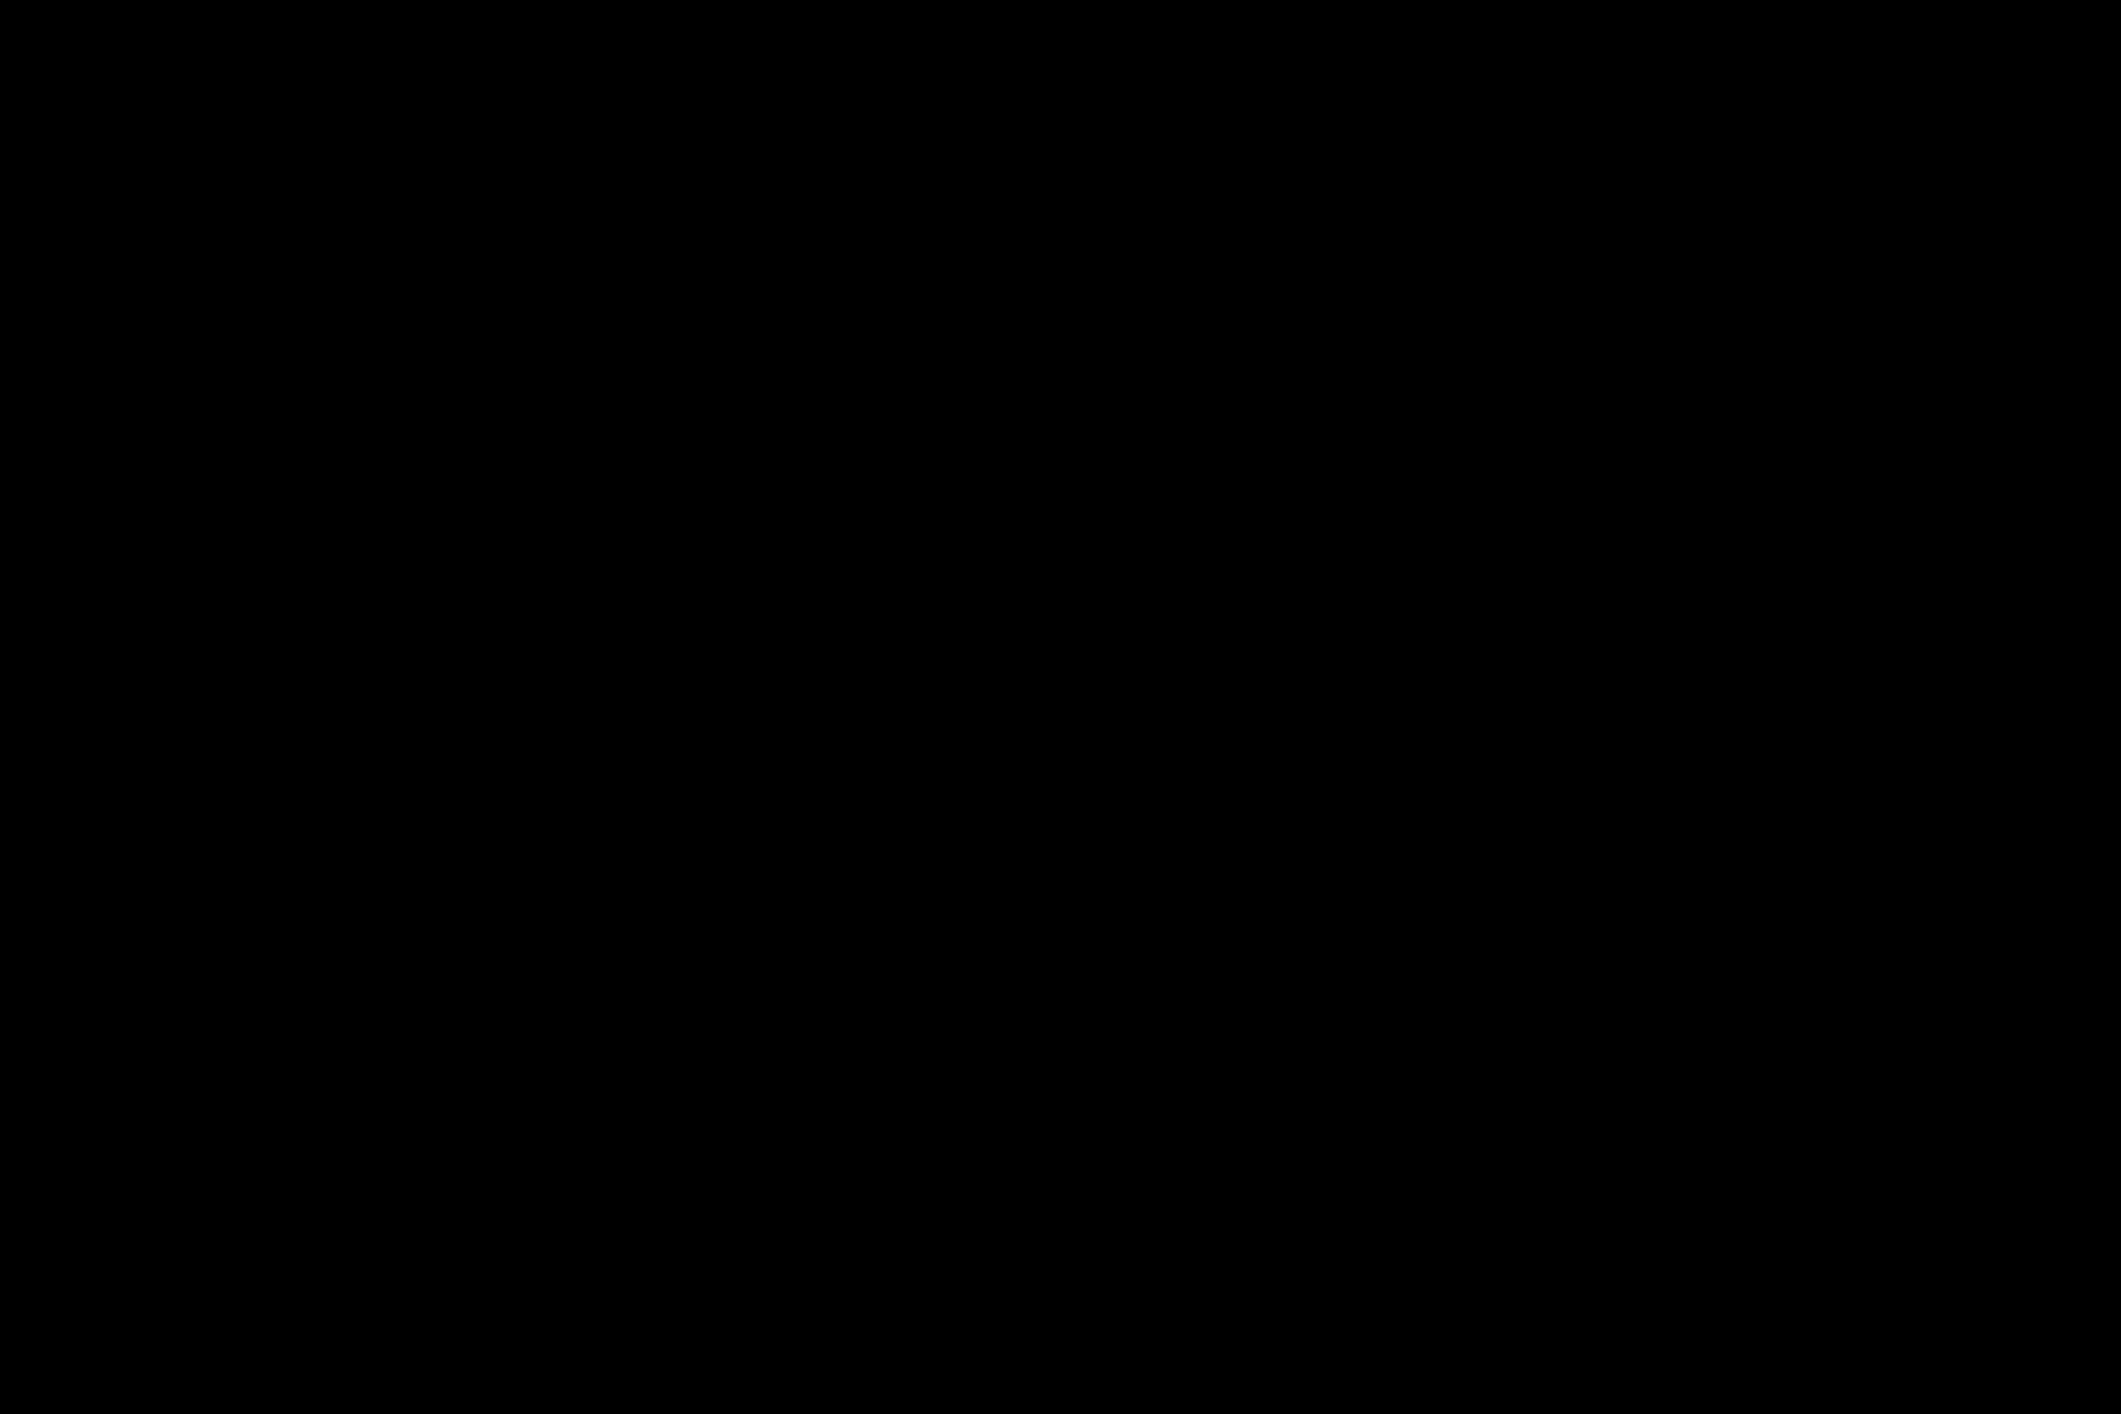 istock-597959356